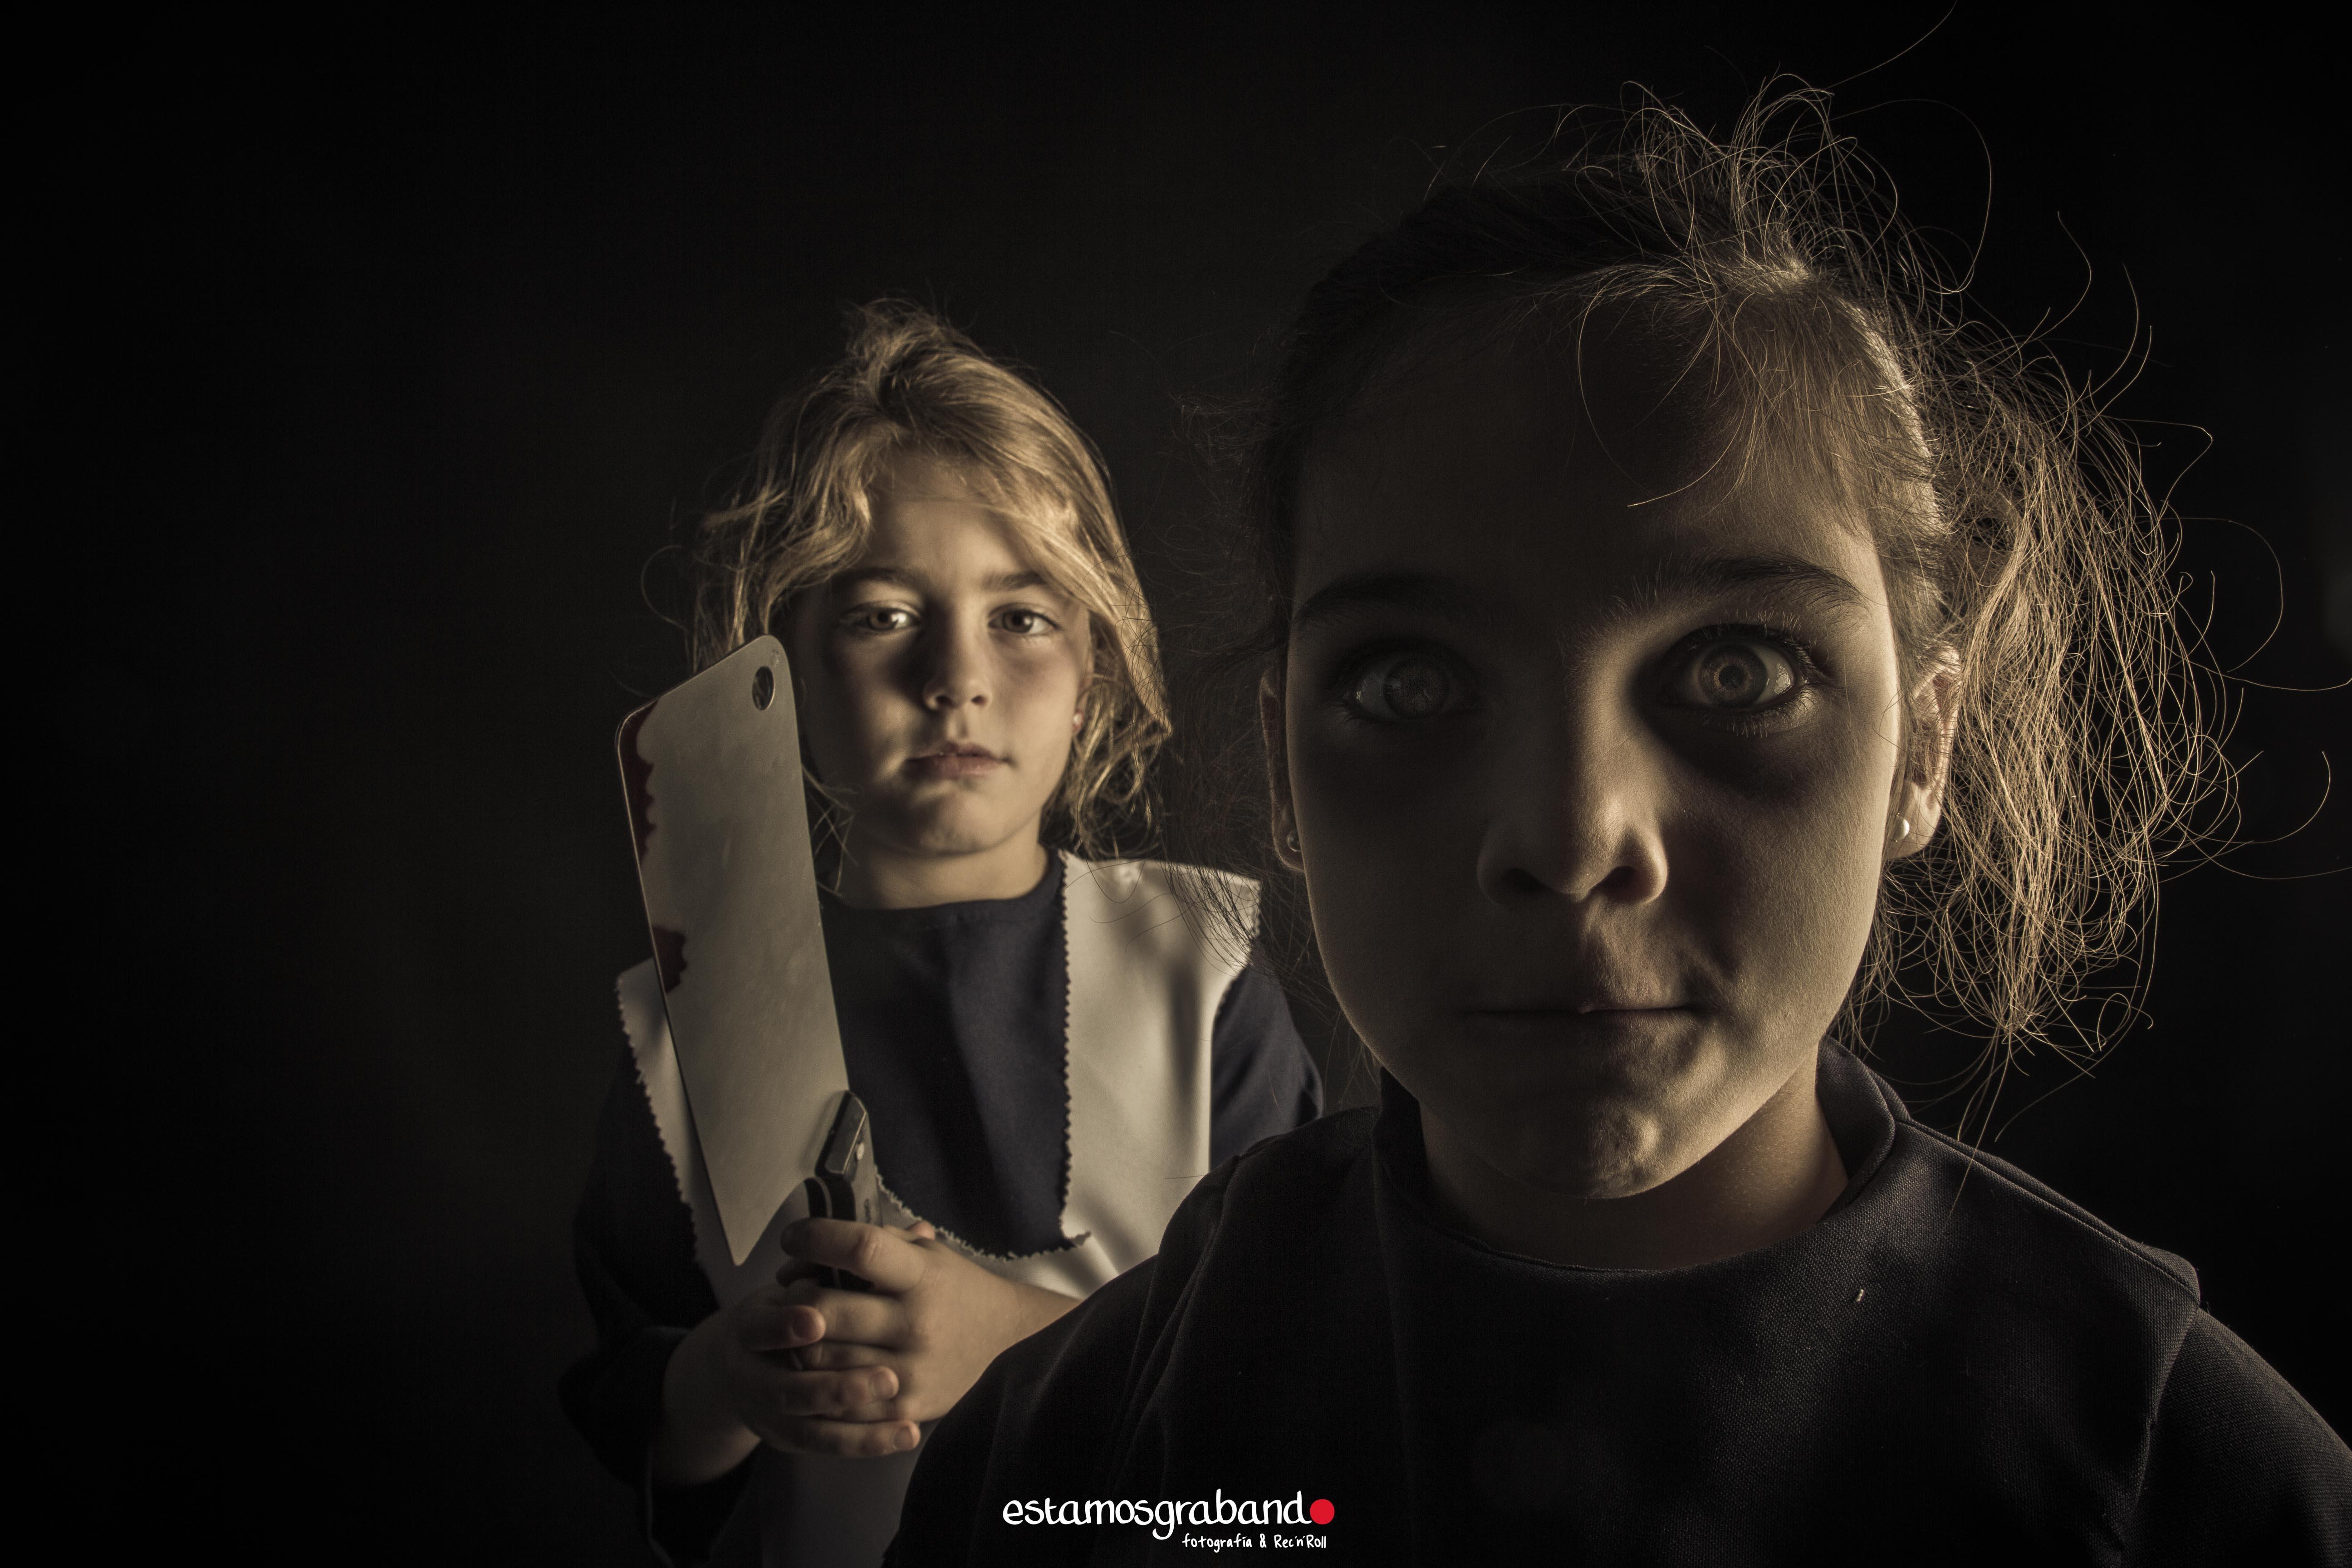 Halloween_estamosgrabando-4 Sesiones Terroríficas Volumen I_Fotografía Halloween - video boda cadiz